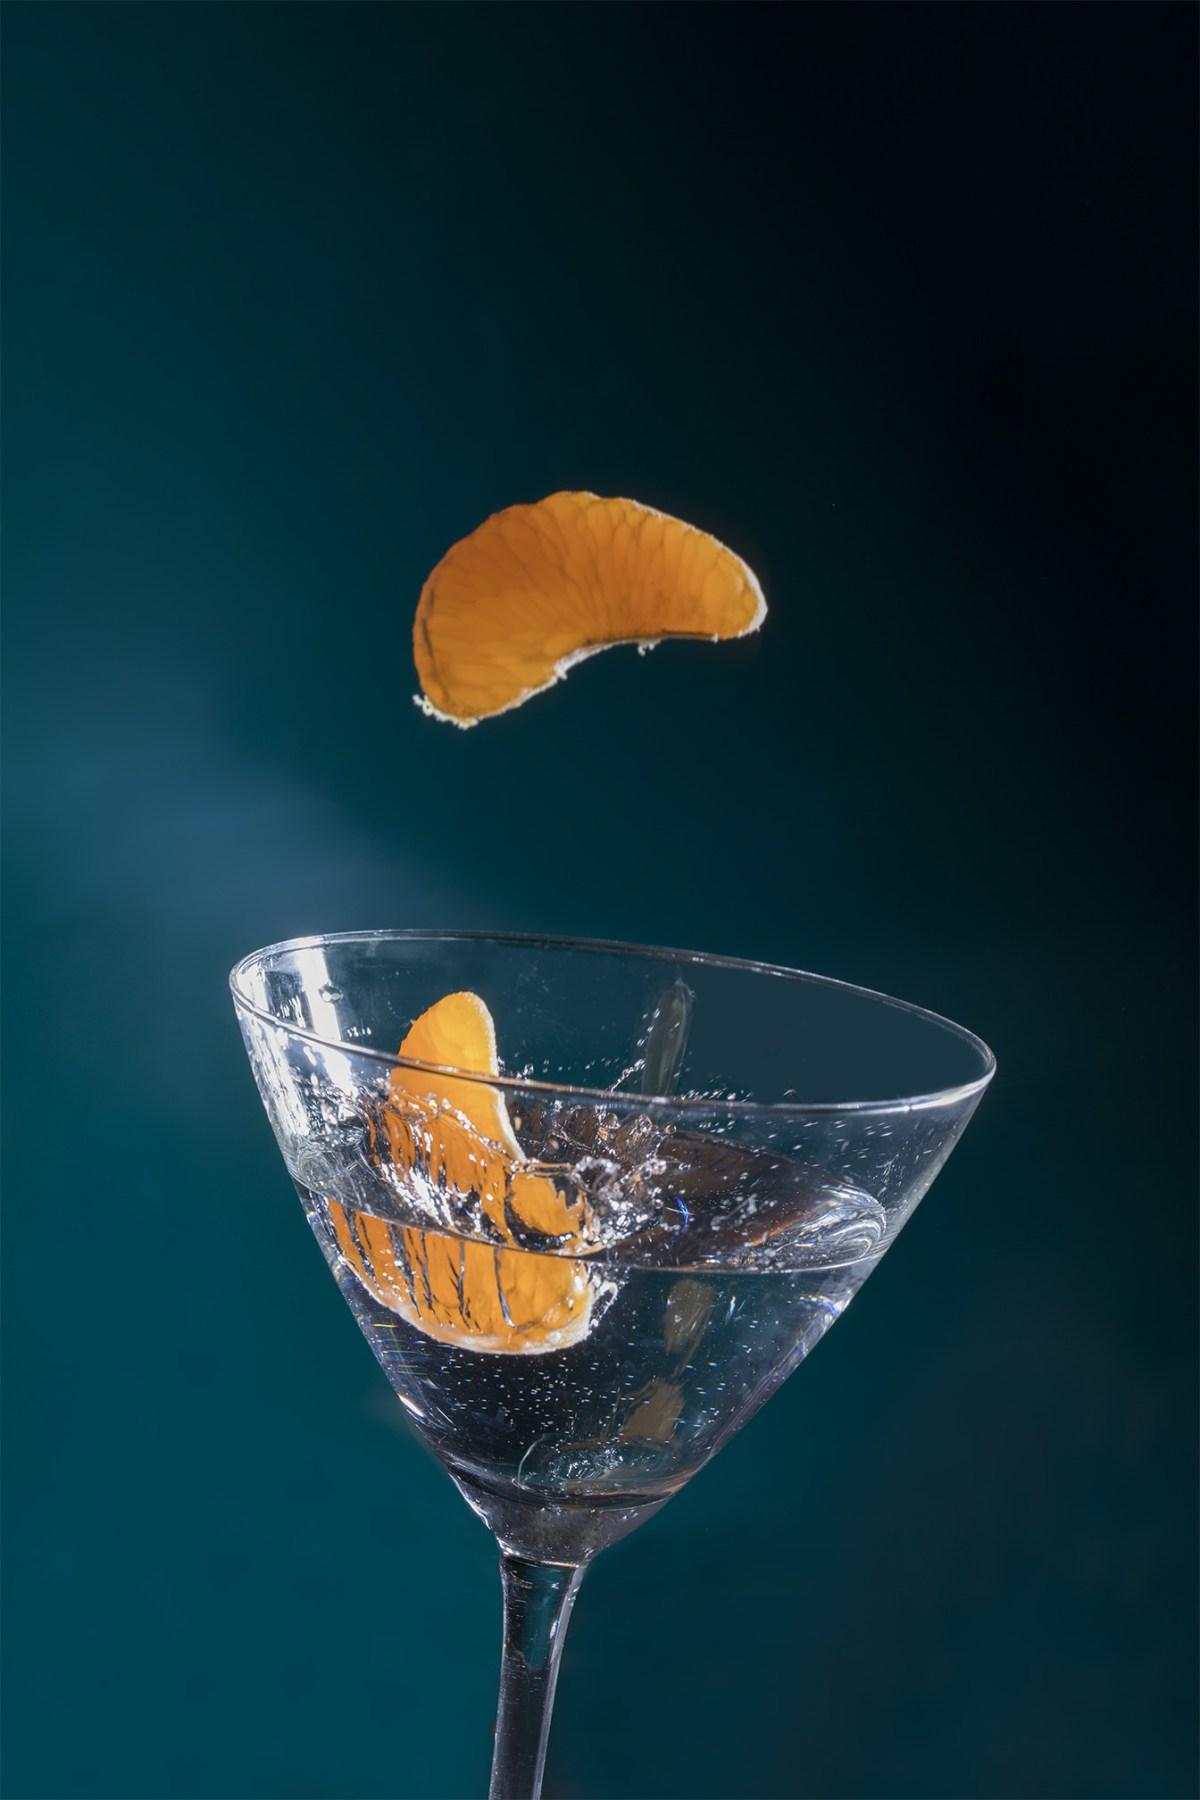 otro angulo de mandarina cayendo a copa de coctel